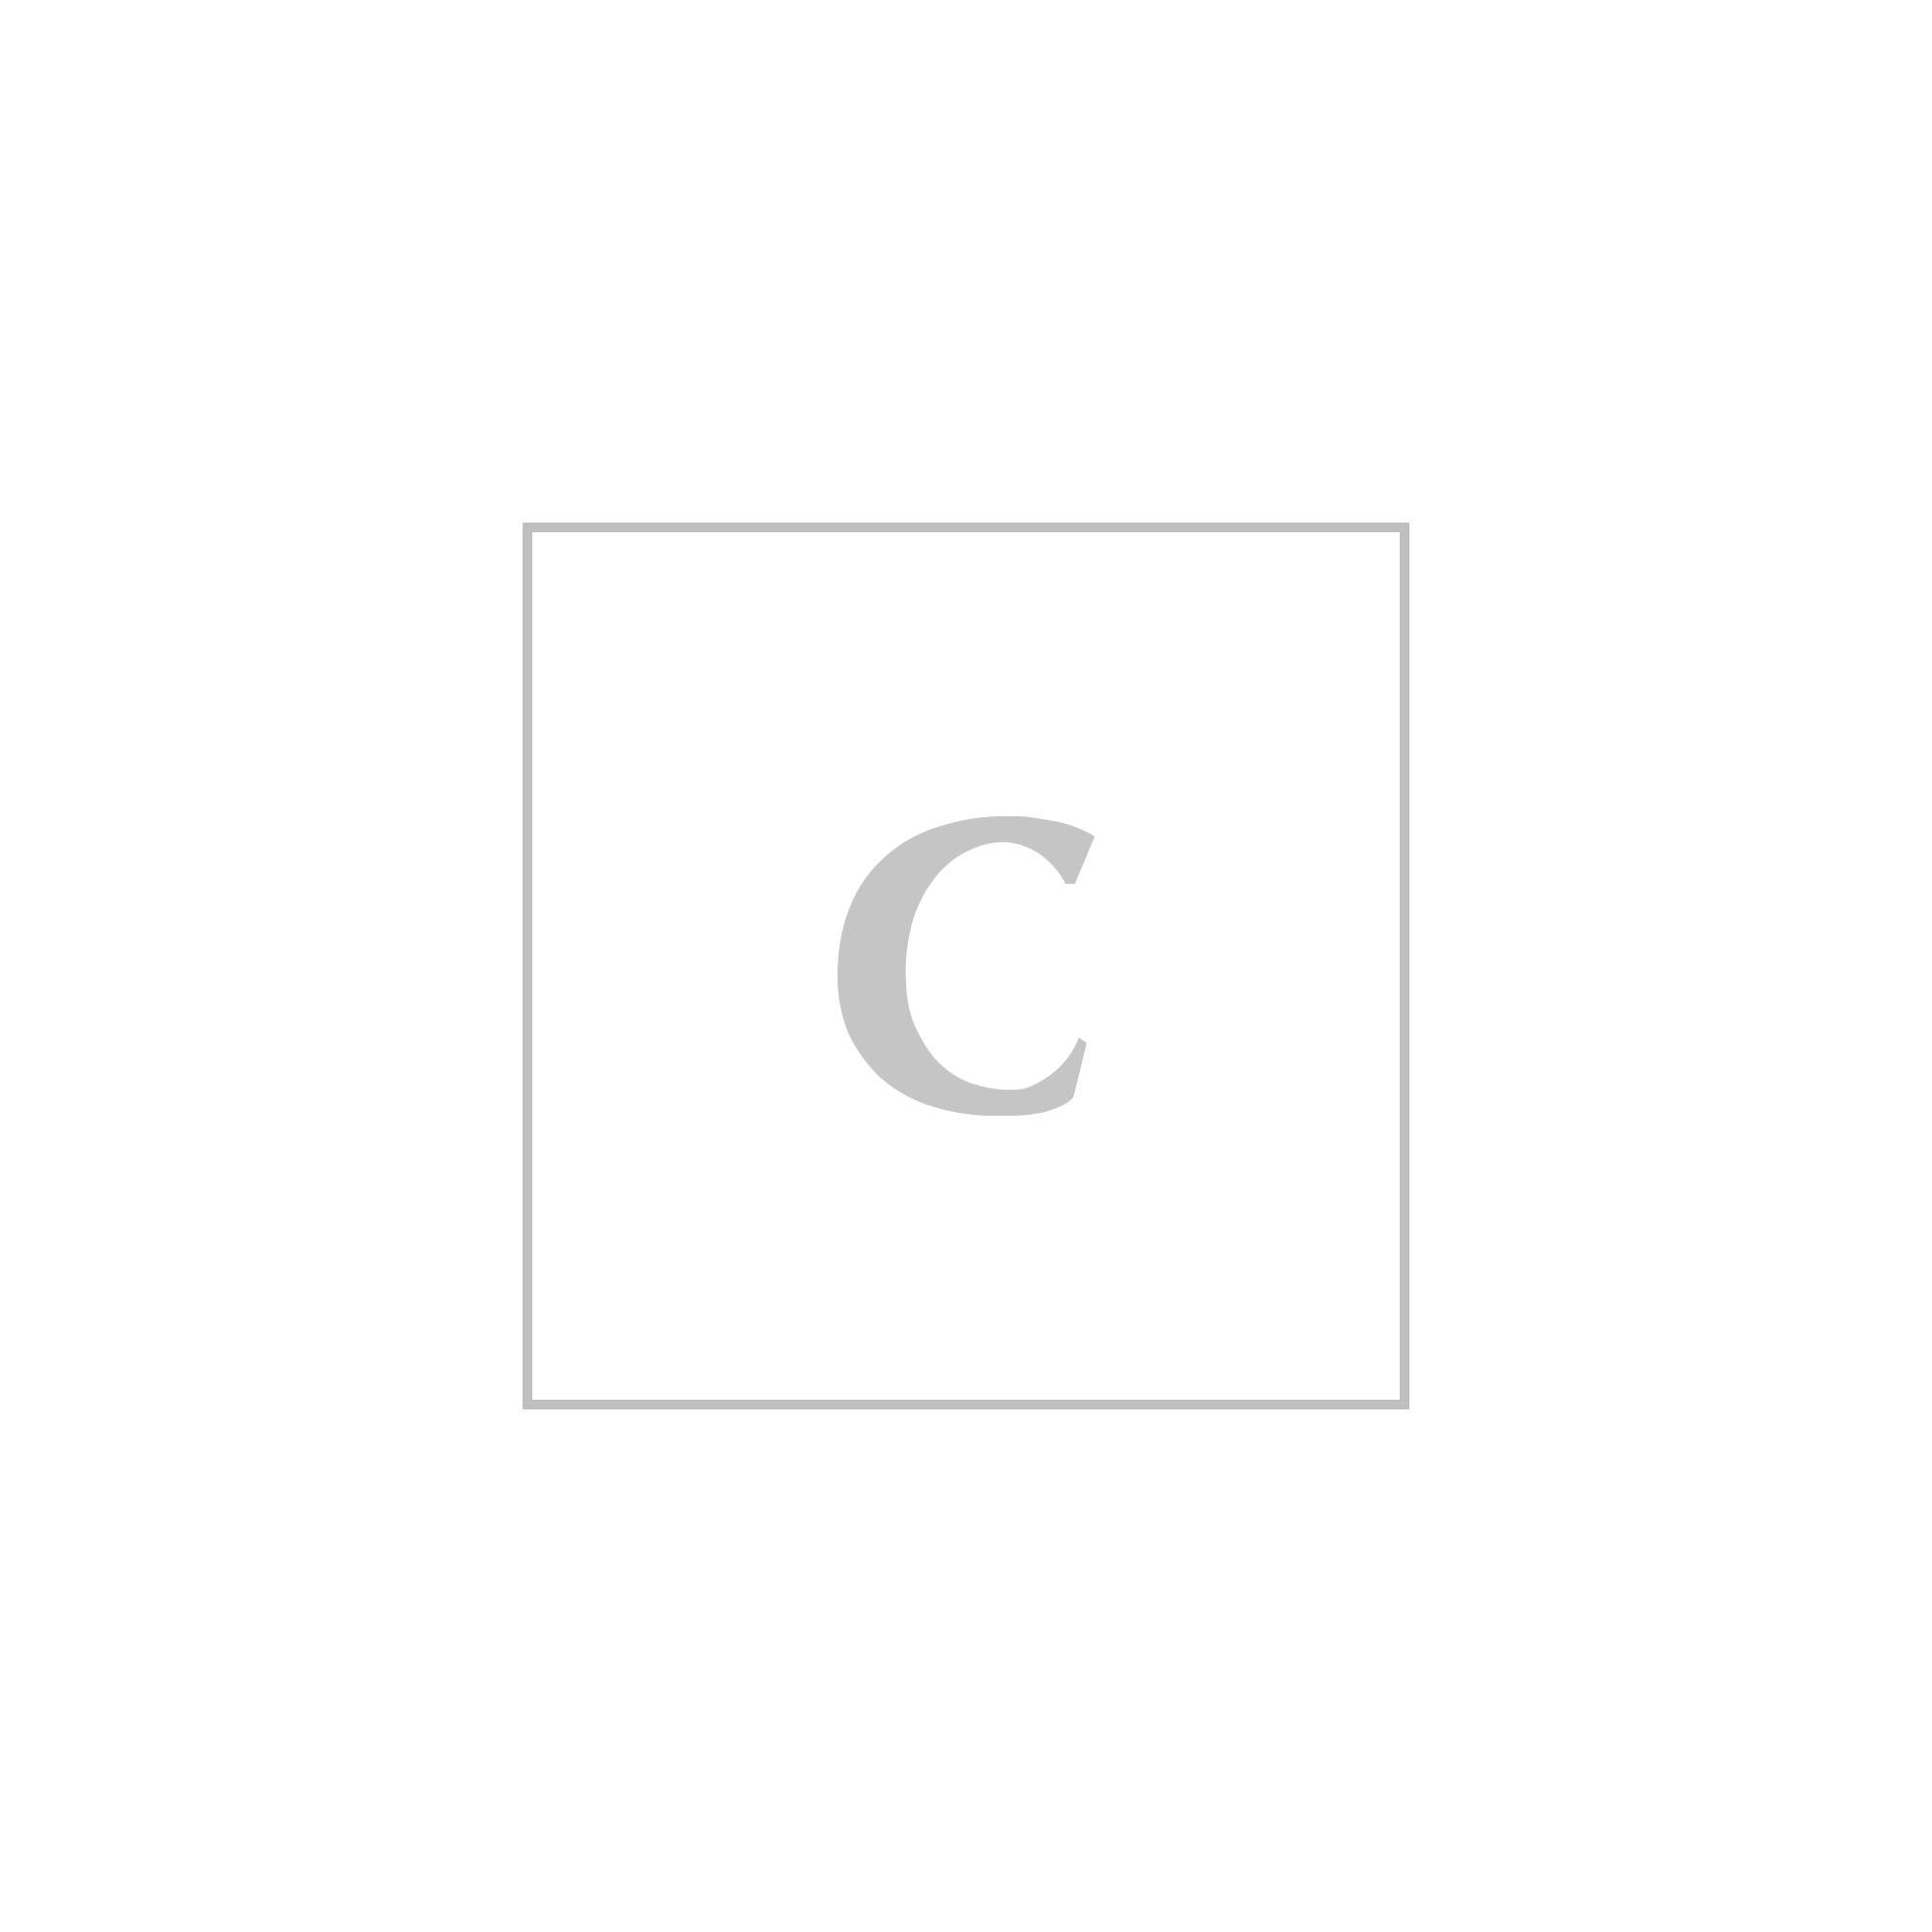 chloe' abbigliamento donna camicia seta con fusciacca